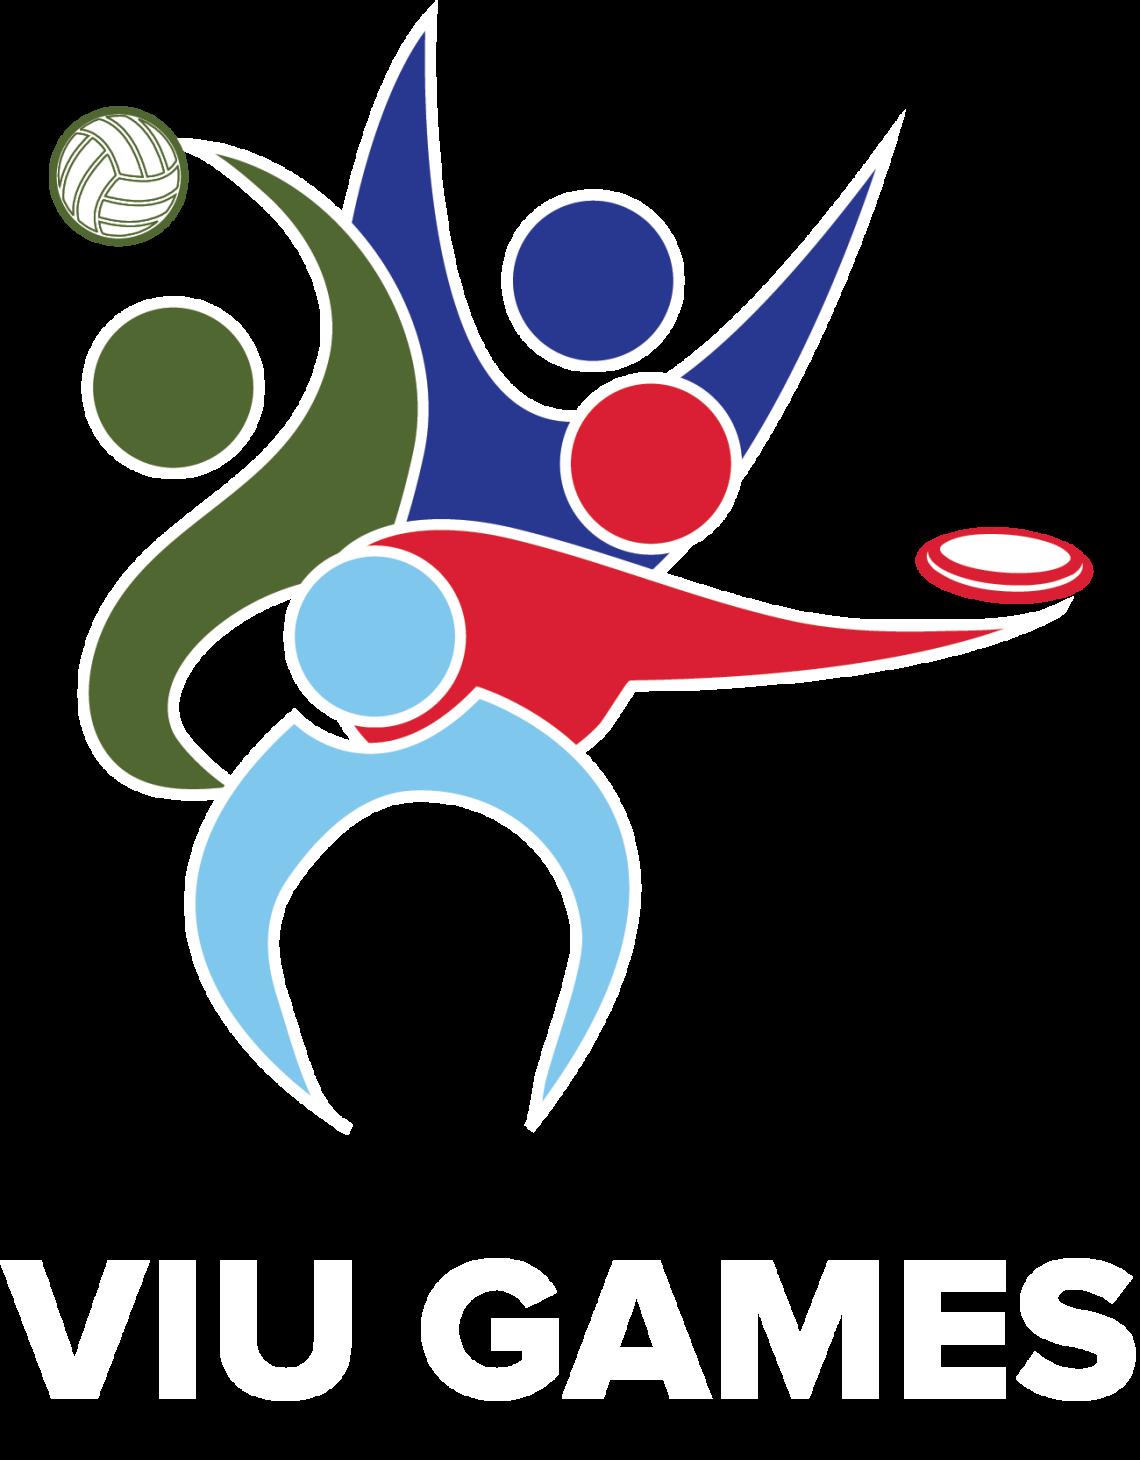 VIU Games